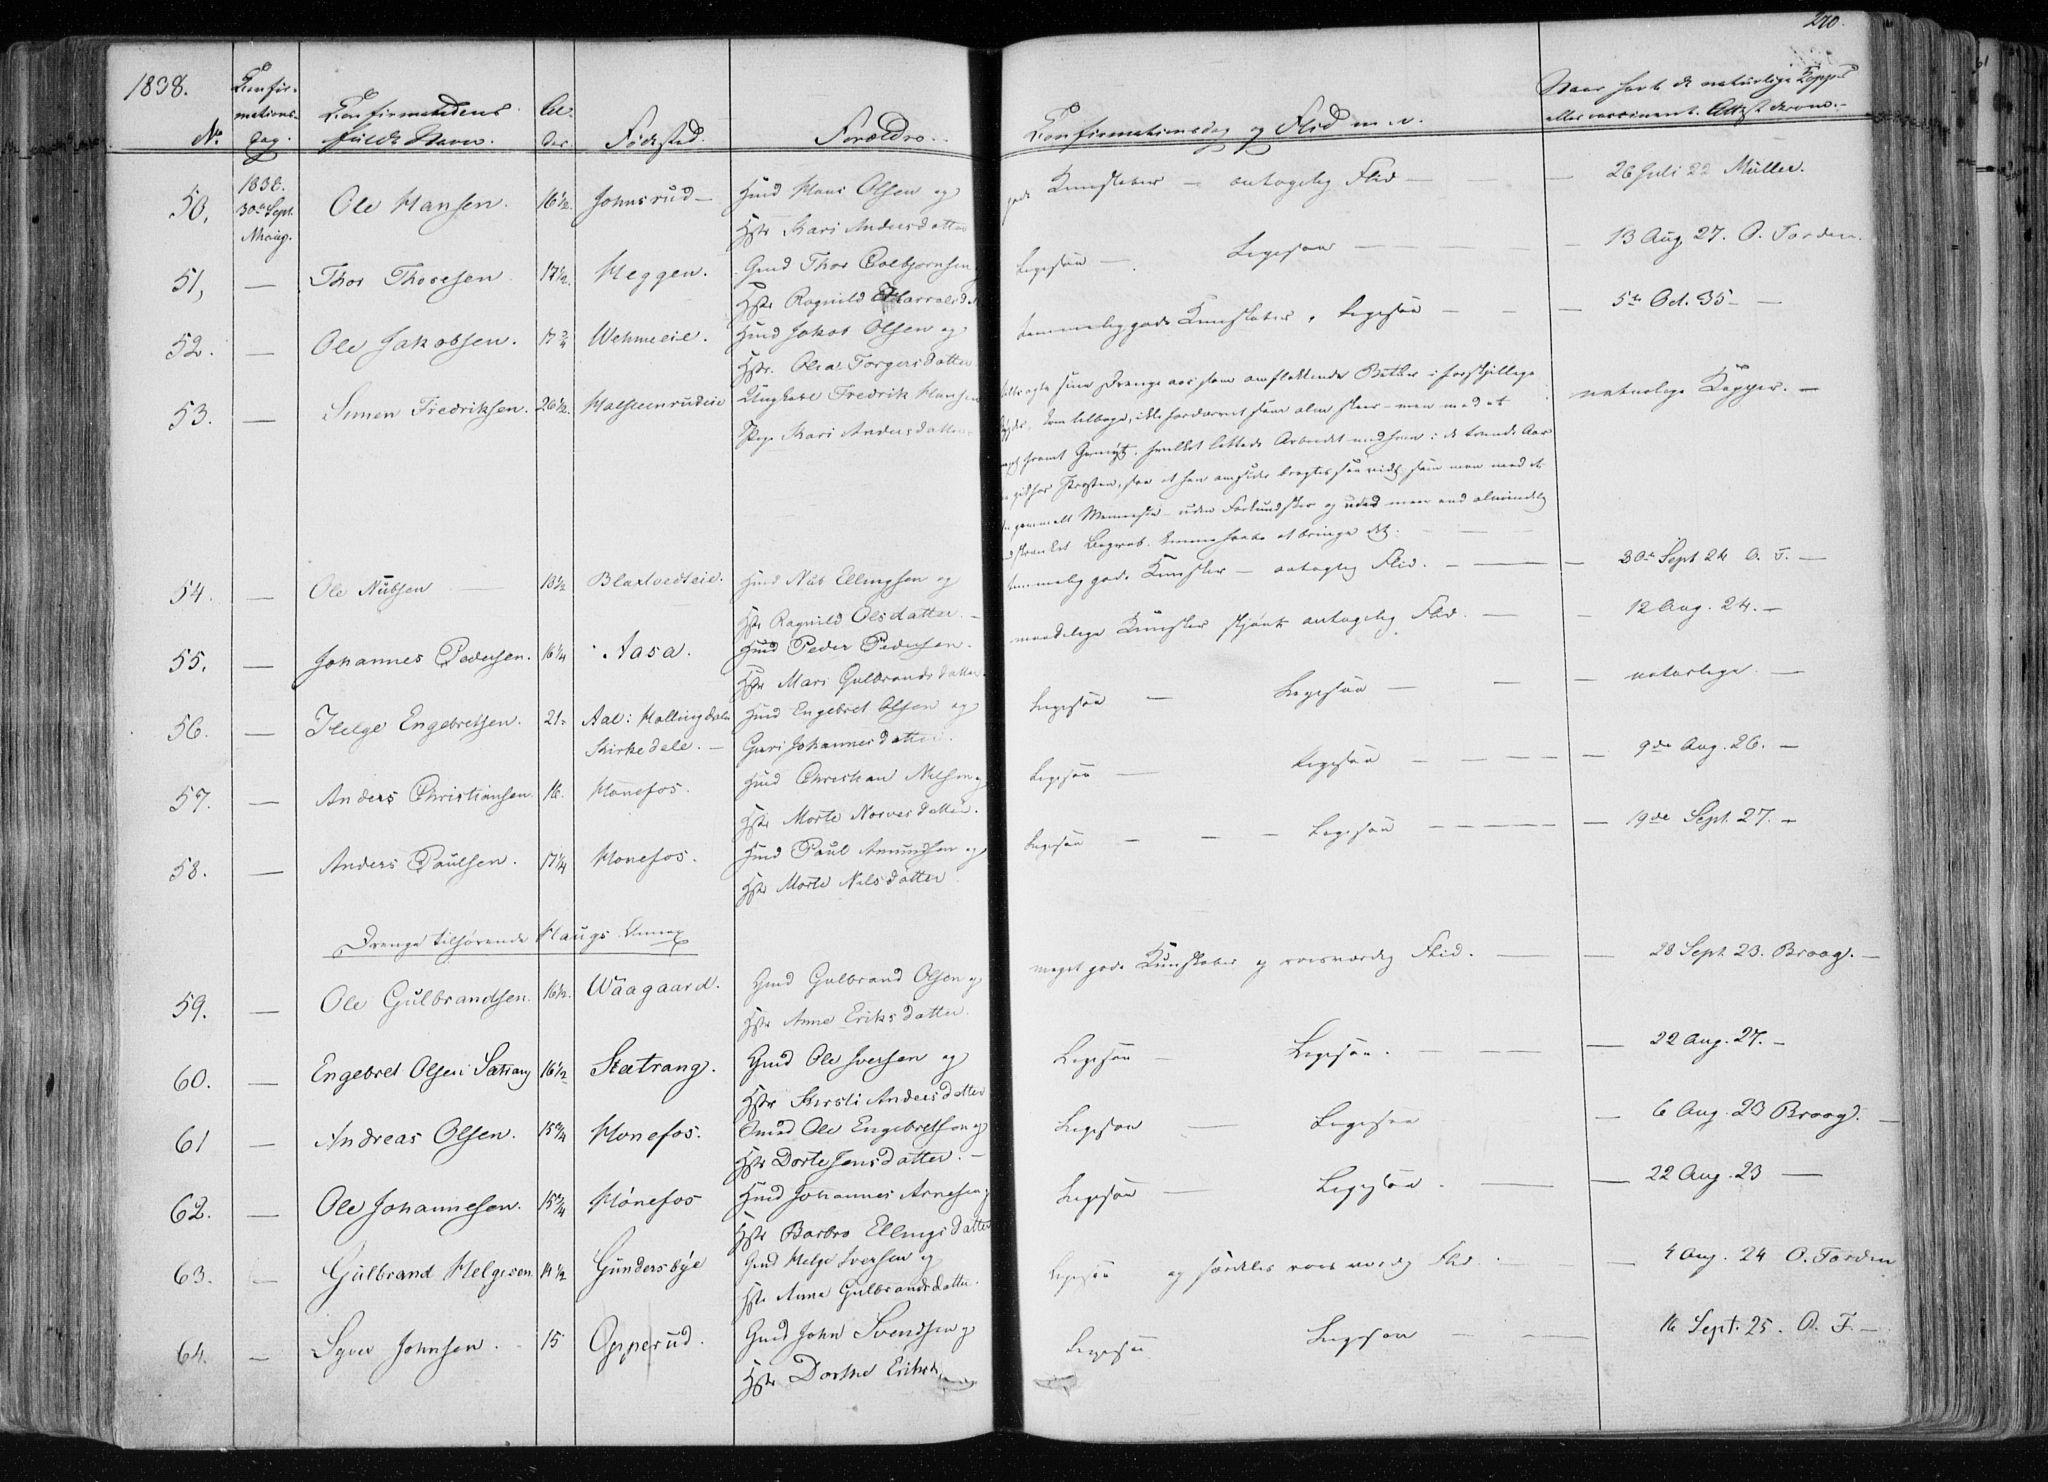 SAKO, Norderhov kirkebøker, F/Fa/L0010: Ministerialbok nr. 10, 1837-1847, s. 270